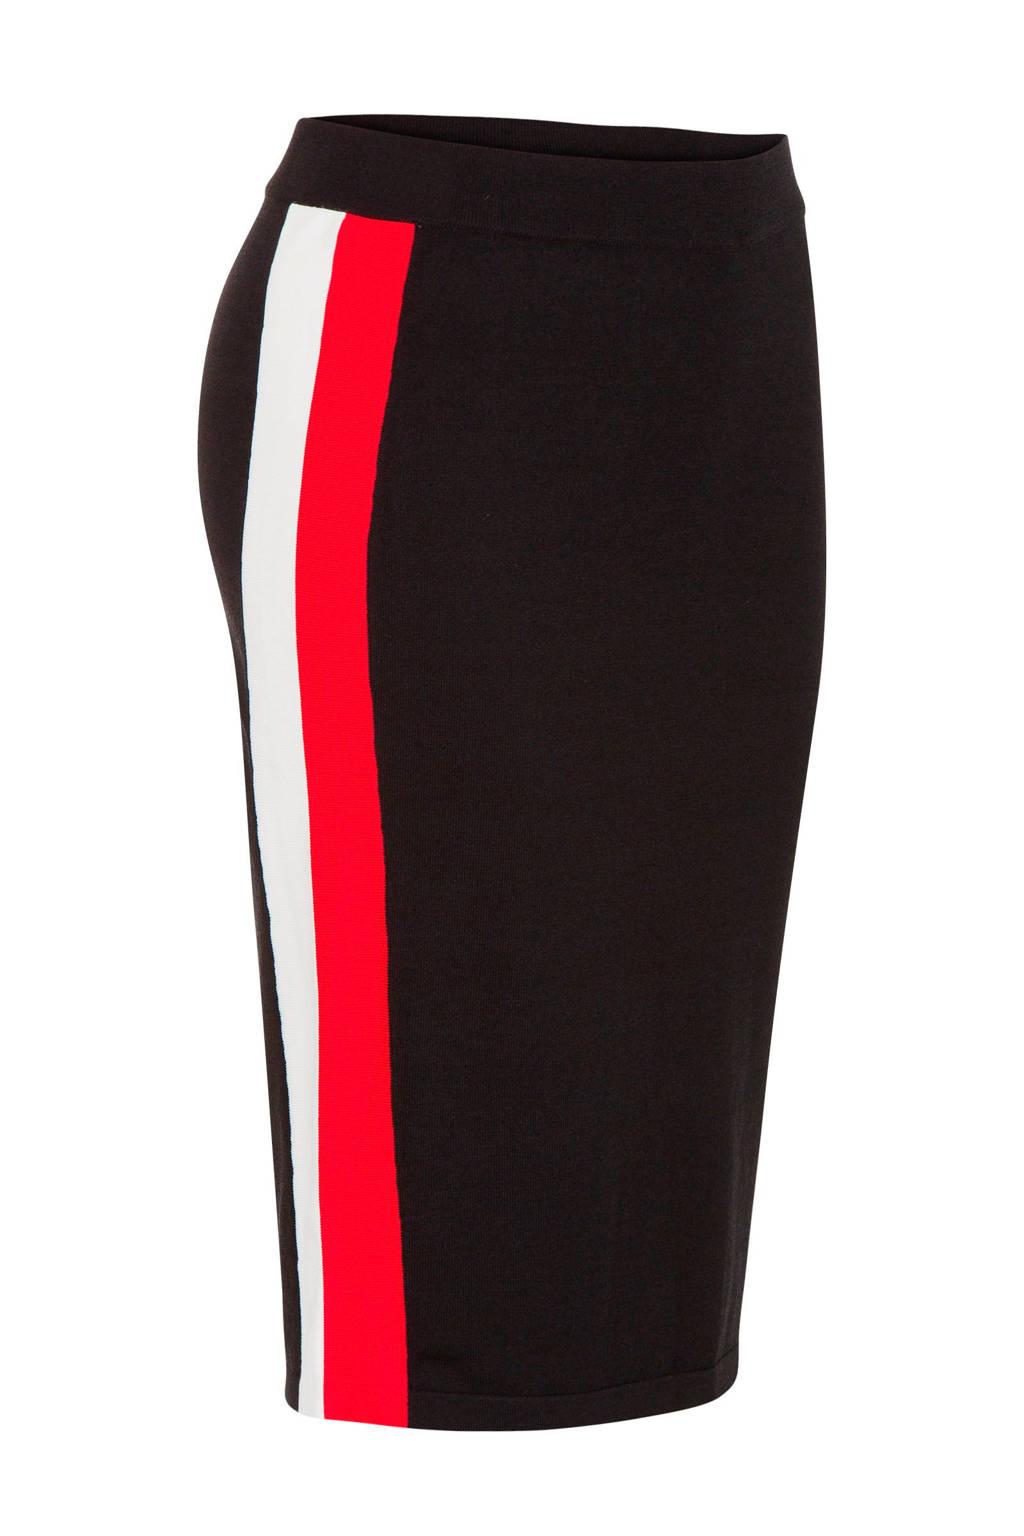 Miss Etam Regulier kokerrok met zijstrepen, Zwart/rood/wit